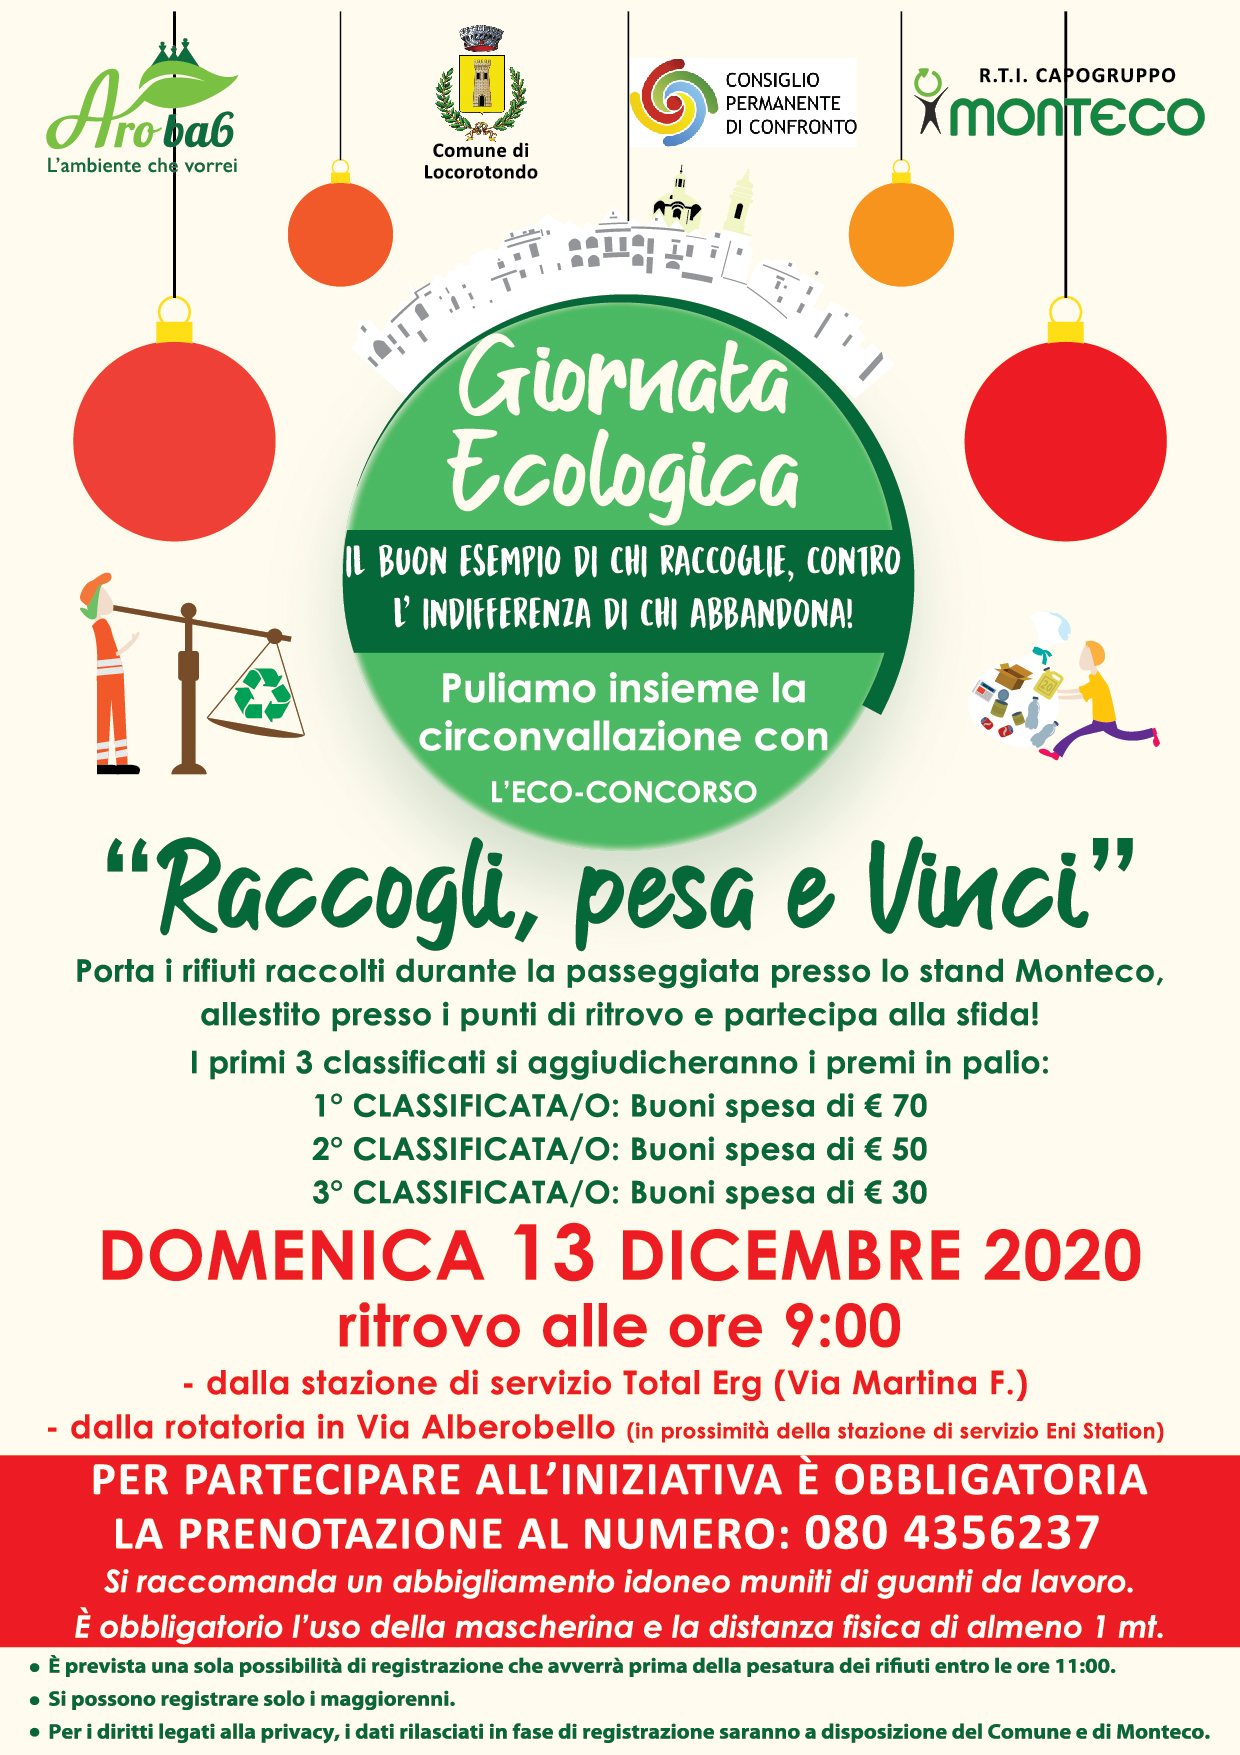 LOCOROTONDO: Rinviata a domenica 13 dicembre la Giornata ecologica di pulizia della circonvallazione